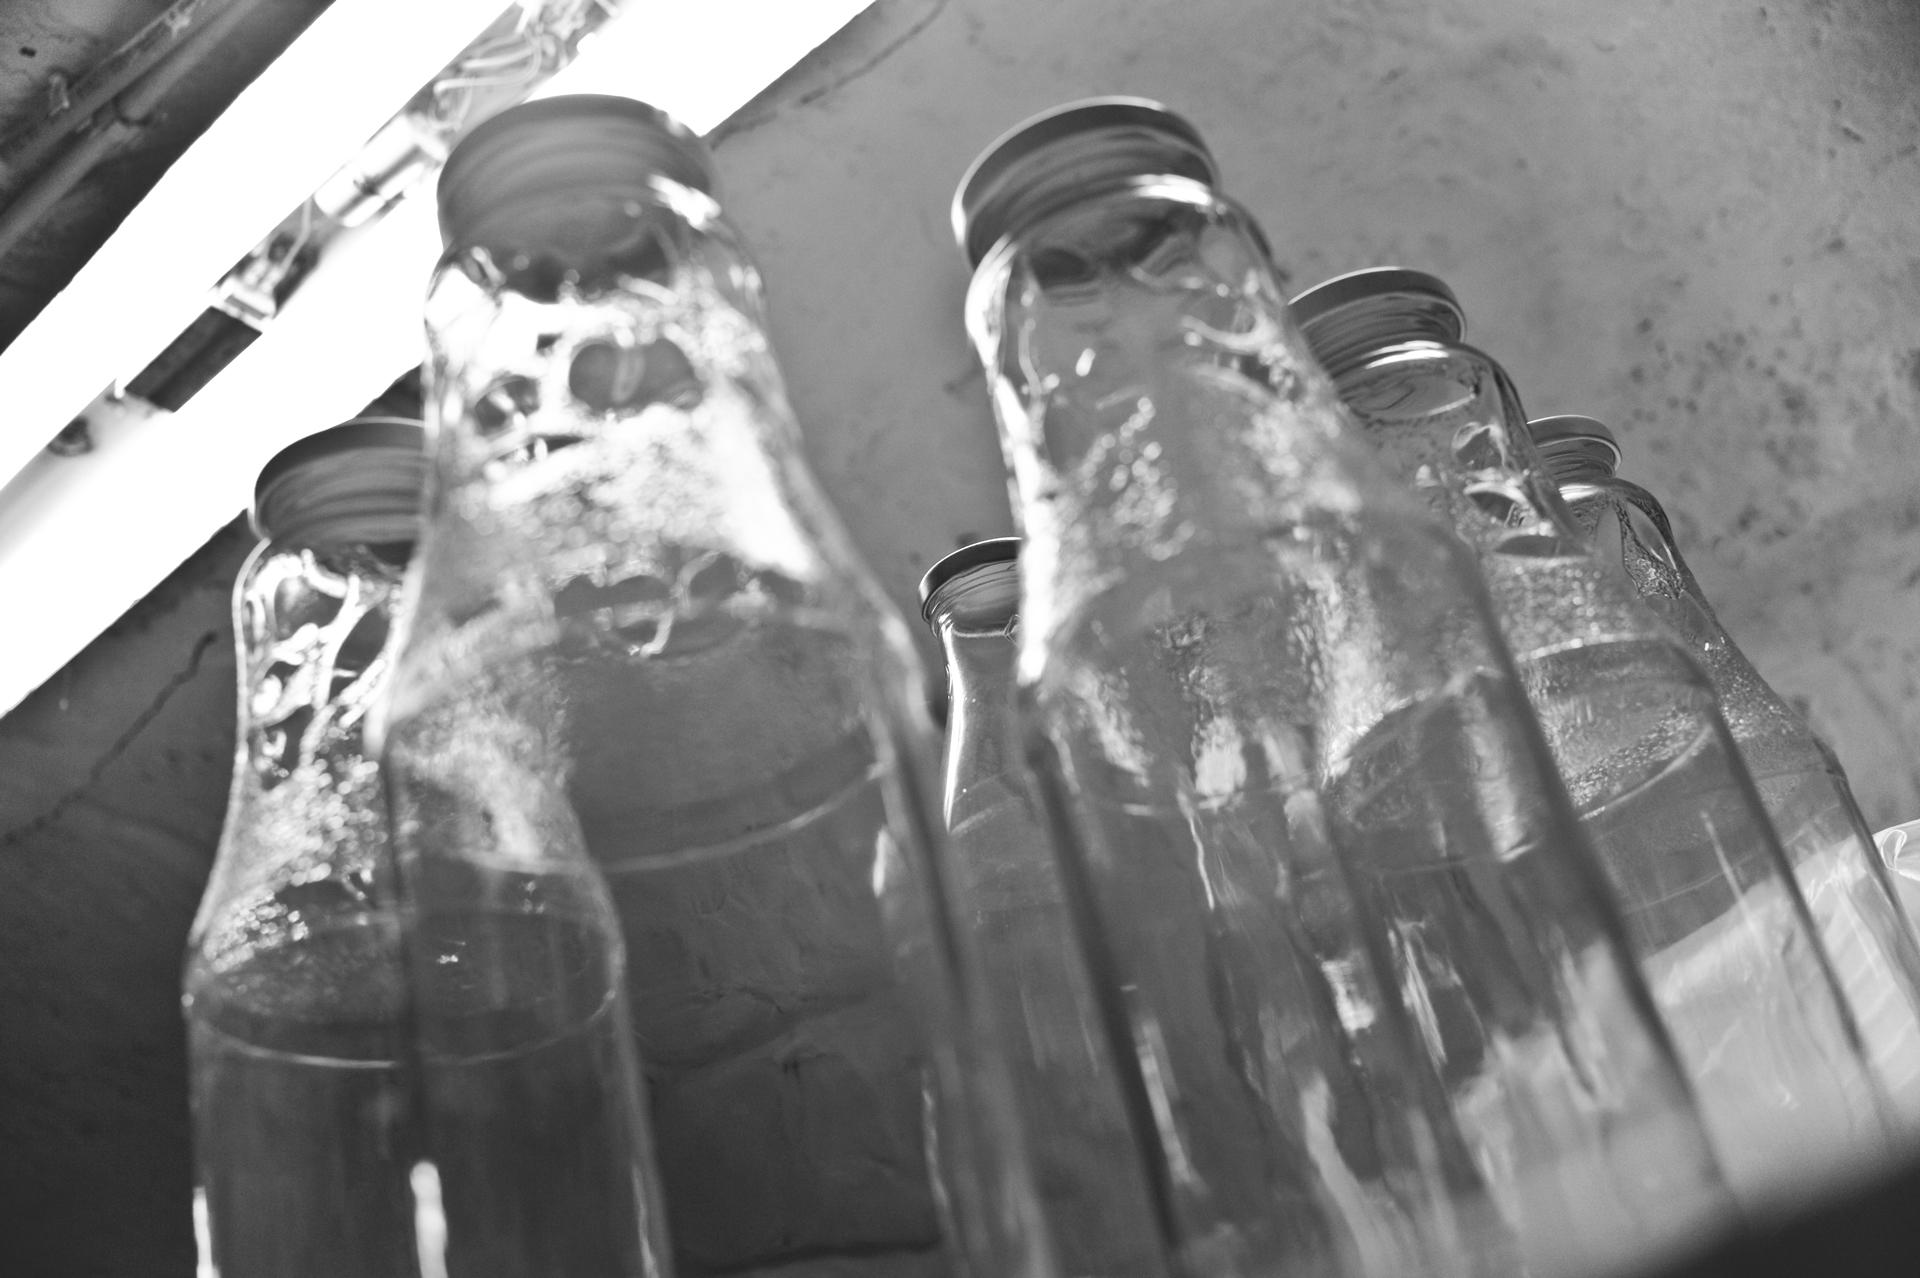 Tej és joghurt töltésre váró üvegek...